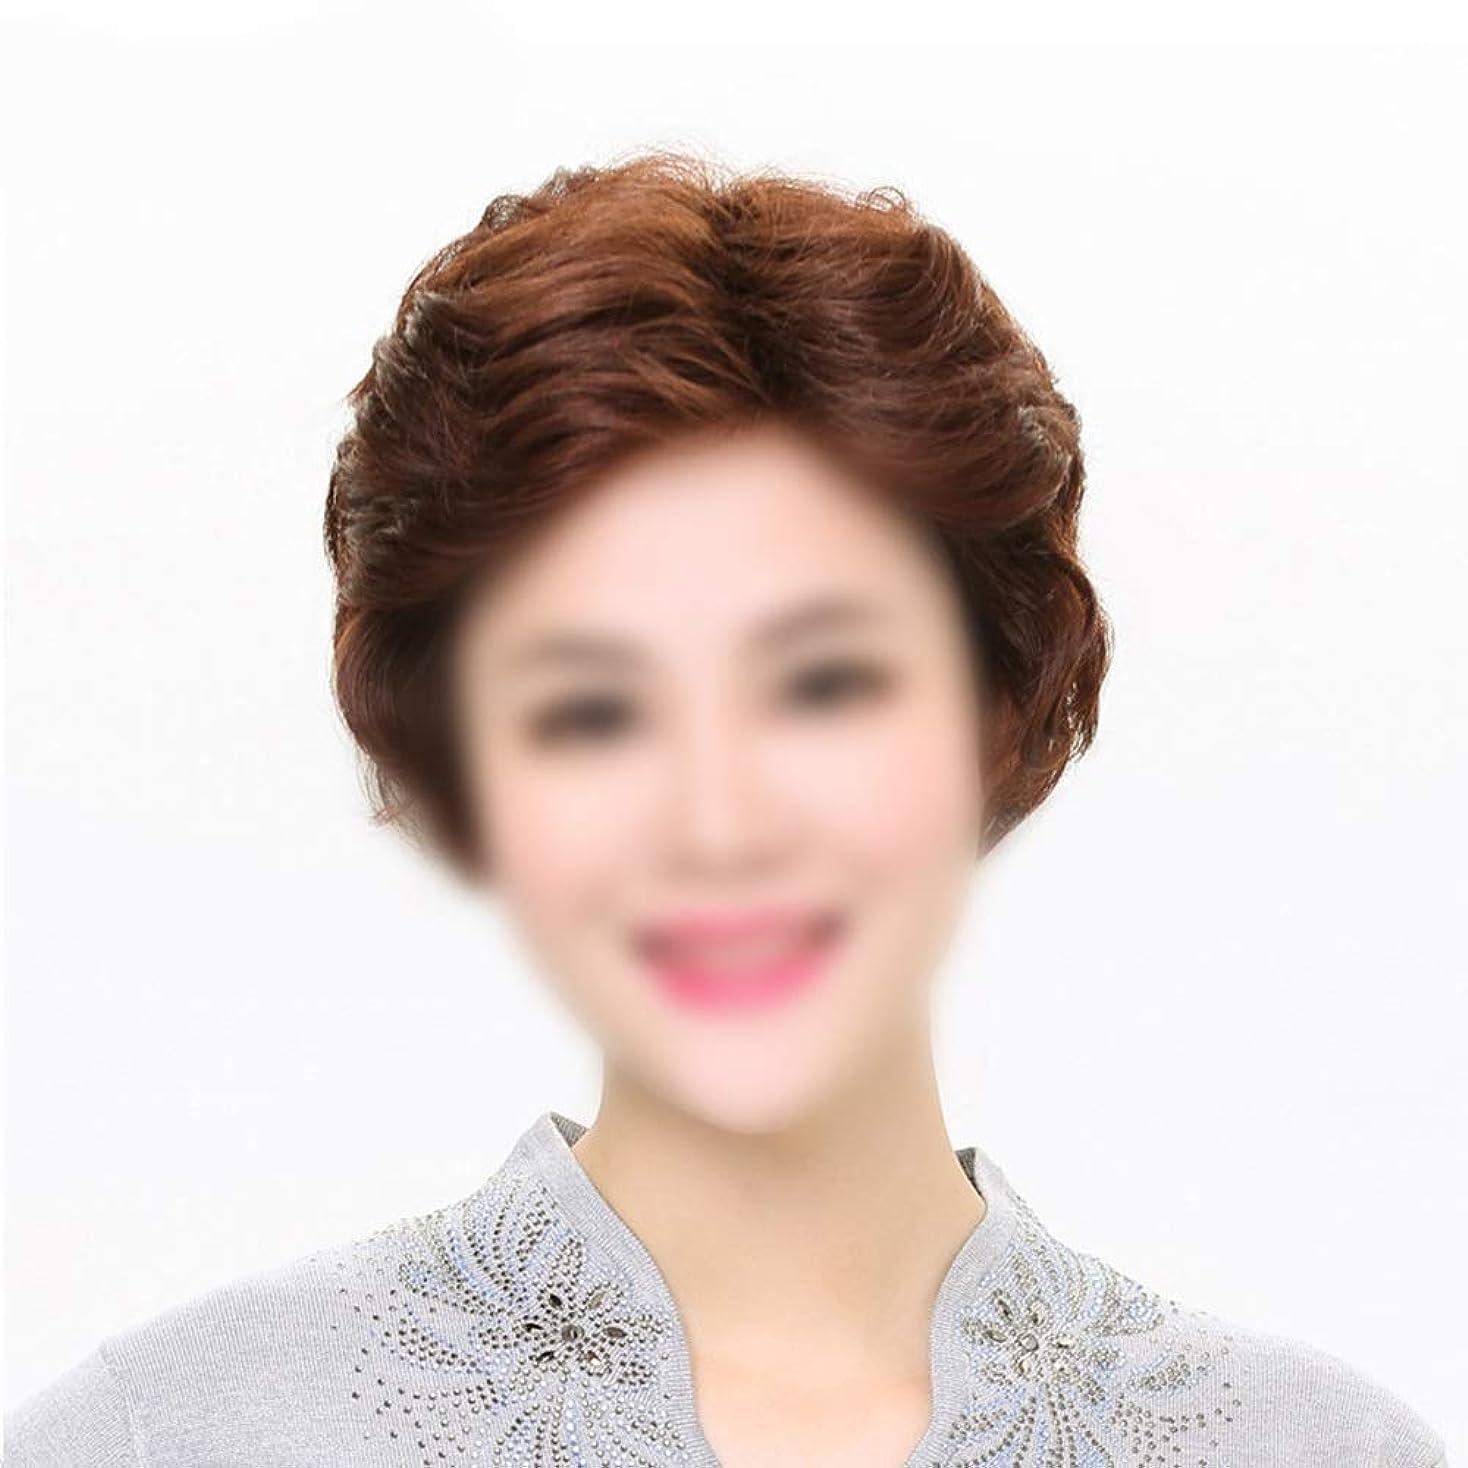 スモッグステープル品Yrattary 手織りのナチュラルブラック本物の髪のための短いウェーブのかかったヘアエクステンション合成髪のレースのかつらロールプレイングウィッグロングとショートの女性自然 (色 : Dark brown, サイズ : Mechanism)